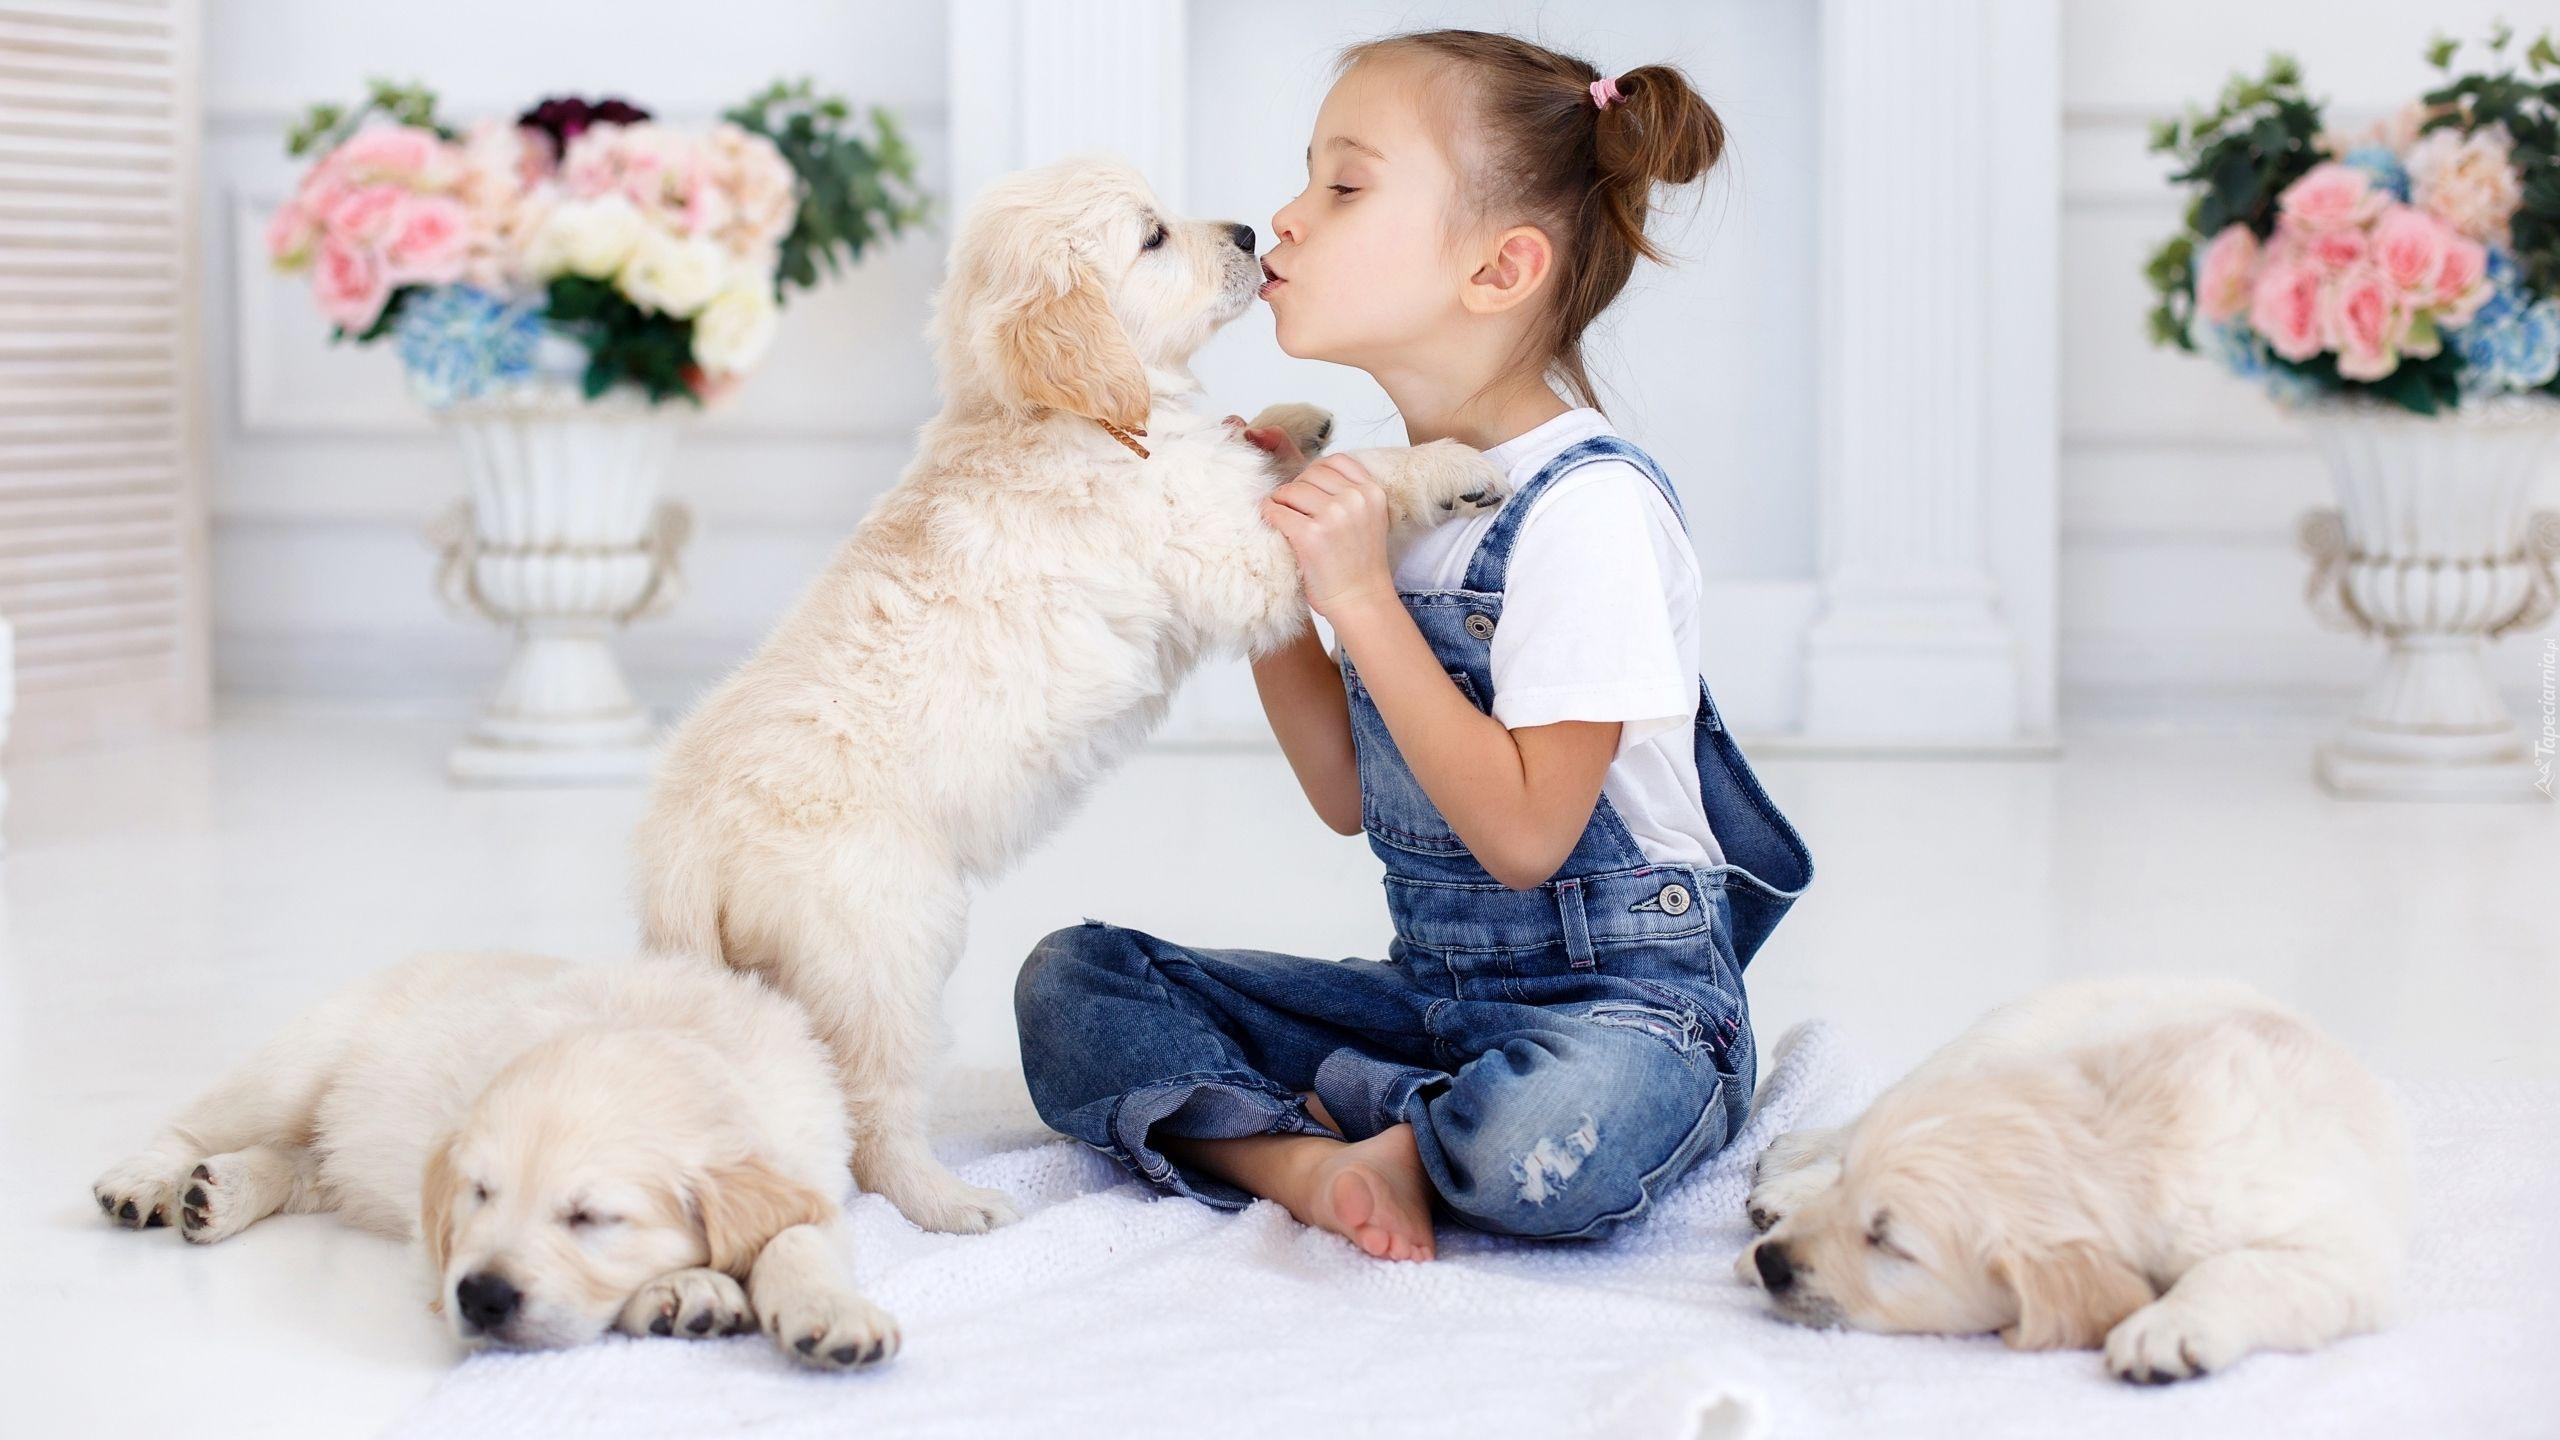 Dziewczynka Trzy Psy Szczeniaki Golden Retrievery Puppy Photography Puppies Puppy Photos